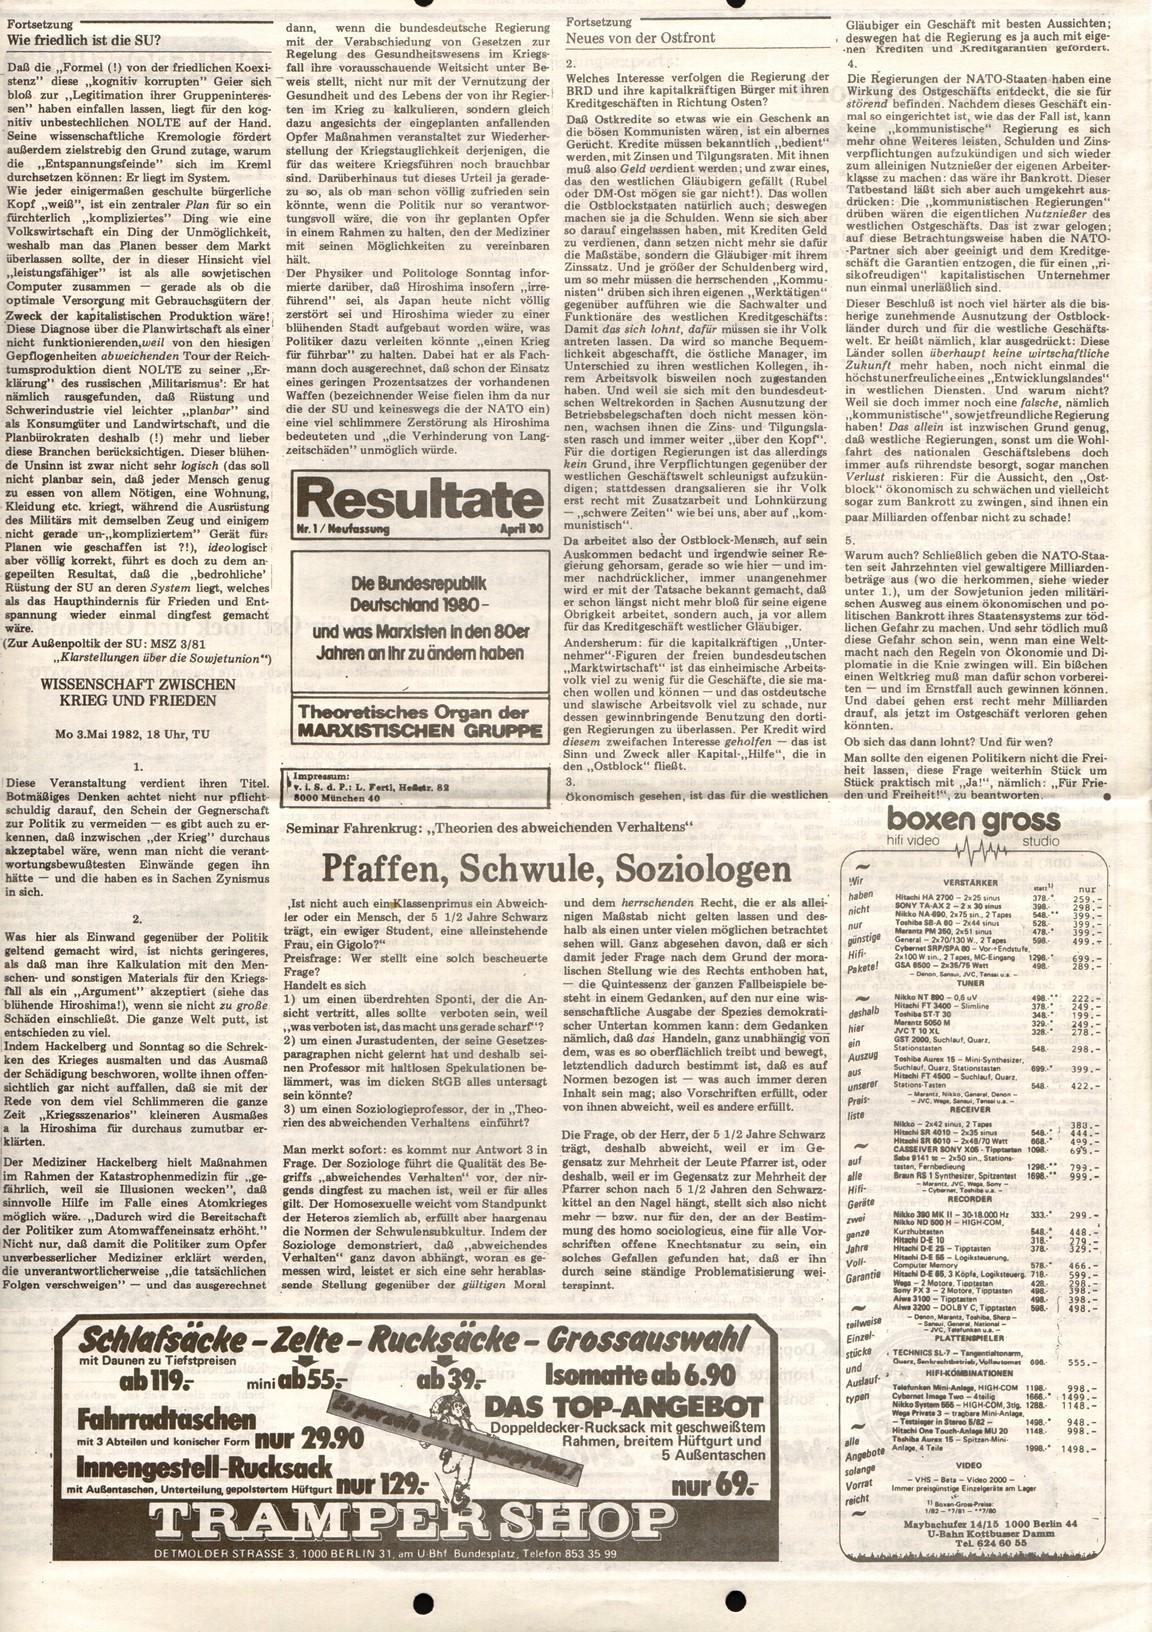 Berlin_MG_Hochschulzeitung_19820511_04